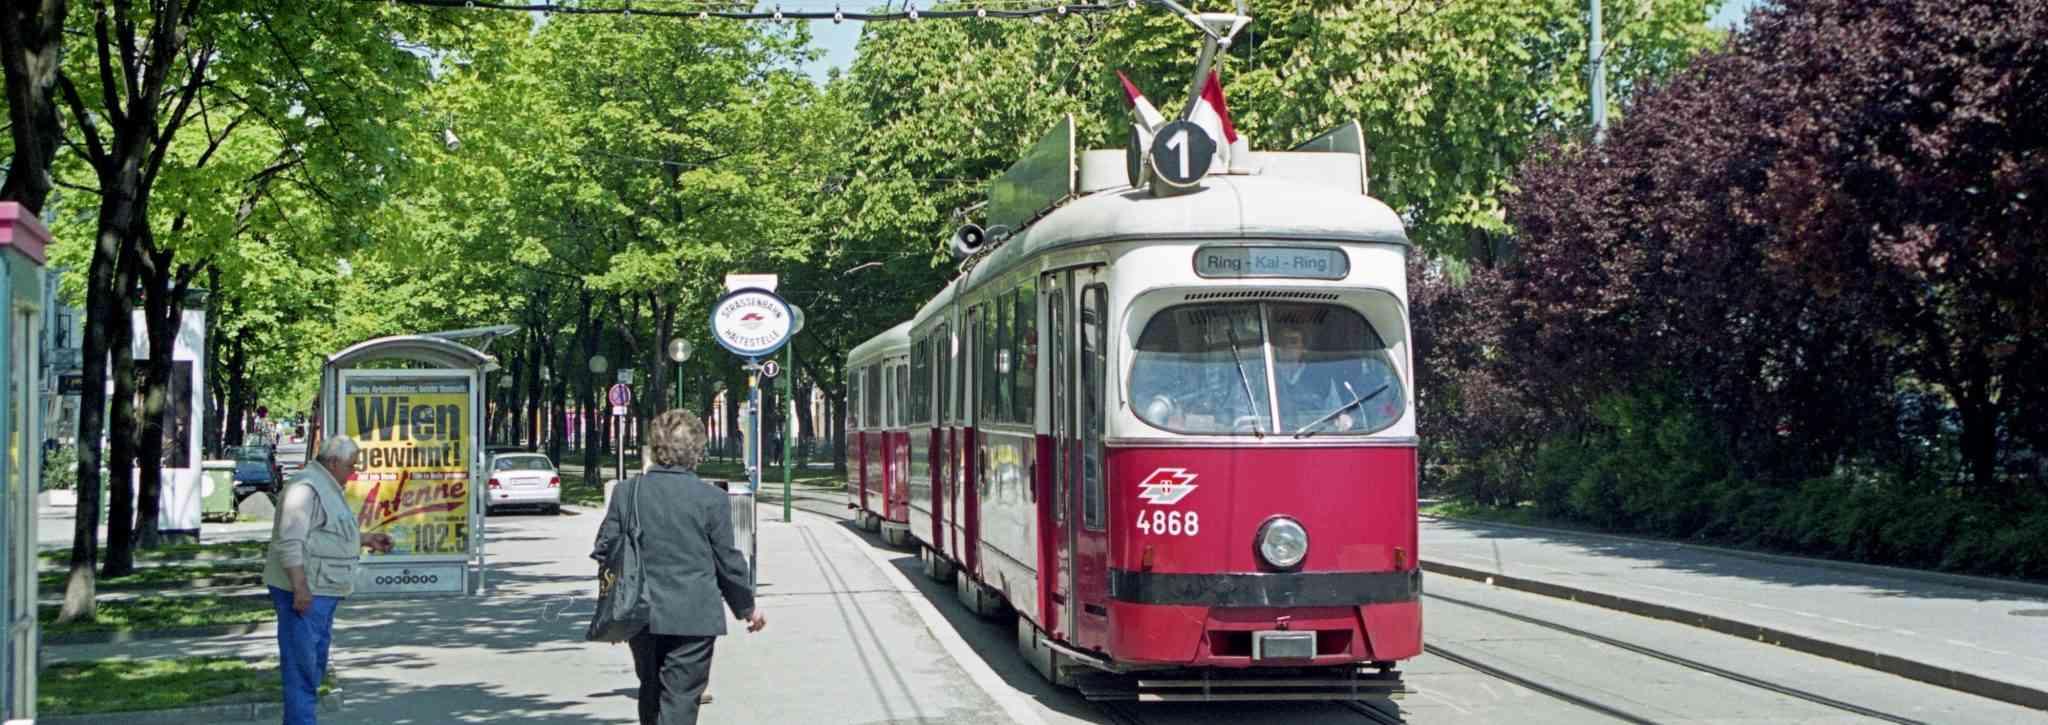 Eine Straßenbahn der Linie 1 mit altem Zielschild.